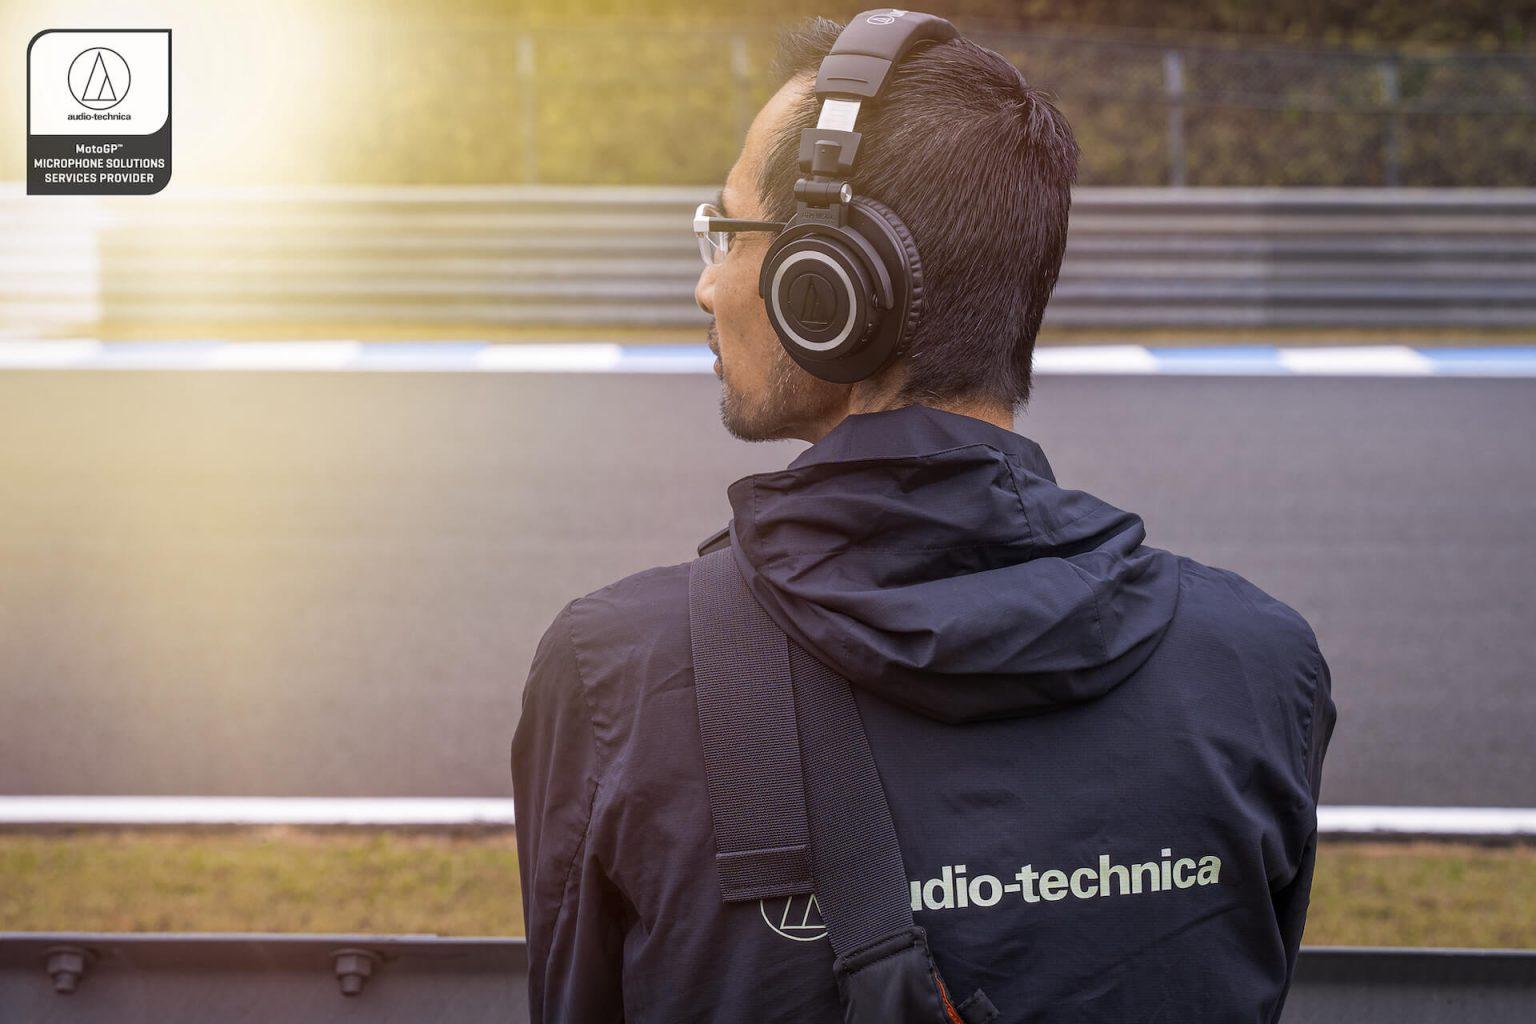 DSC08621-Edit-1440x960 超速の音を追って:オーディオテクニカとMotoGP™